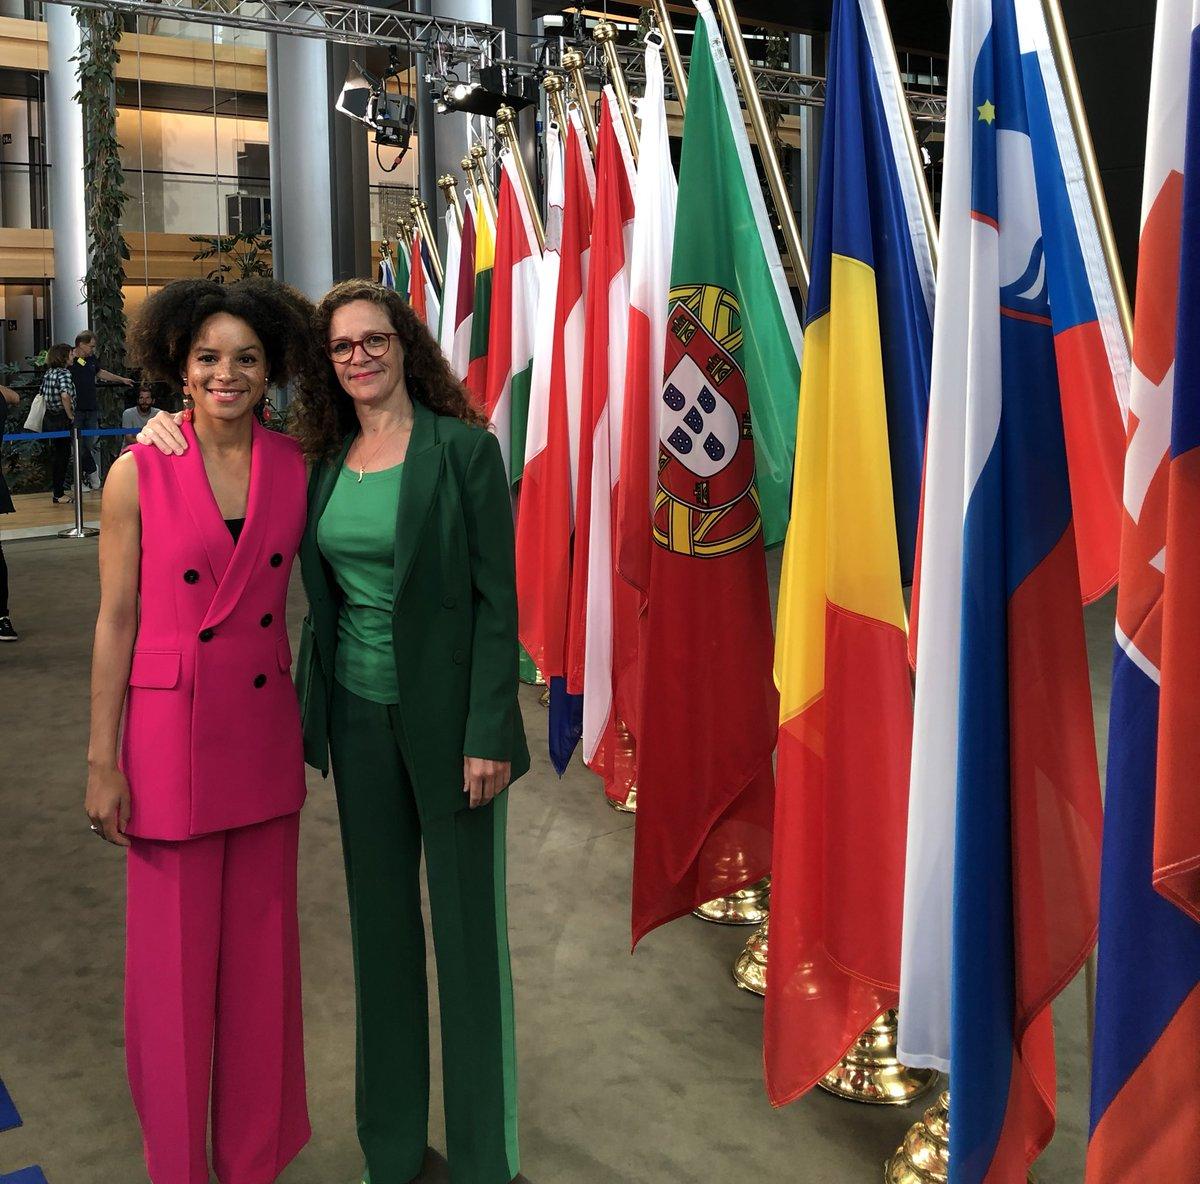 Ons nieuwe team voor Europa! 🇪🇺  Als vandaag de voorzittershamer valt, is de eerste vergadering van het nieuwe @EPinNL een feit!   Volg de komende jaren @samiraraf, @SophieintVeld en onze nieuwe fractie @RenewEurope 📲